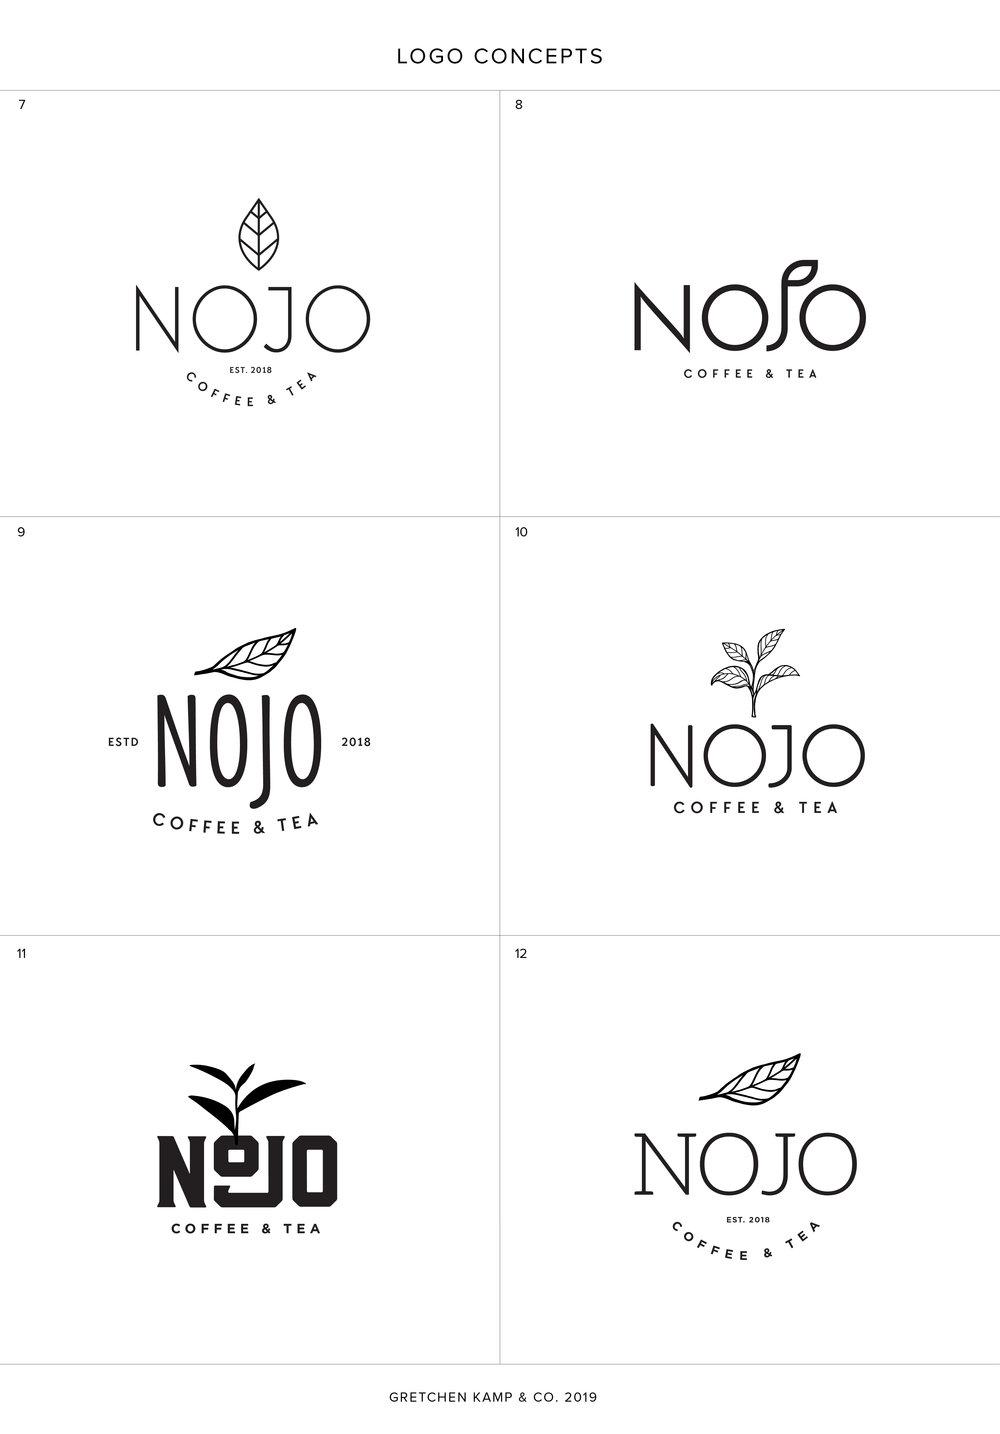 Nojo_Logos_v02-01-01.jpg